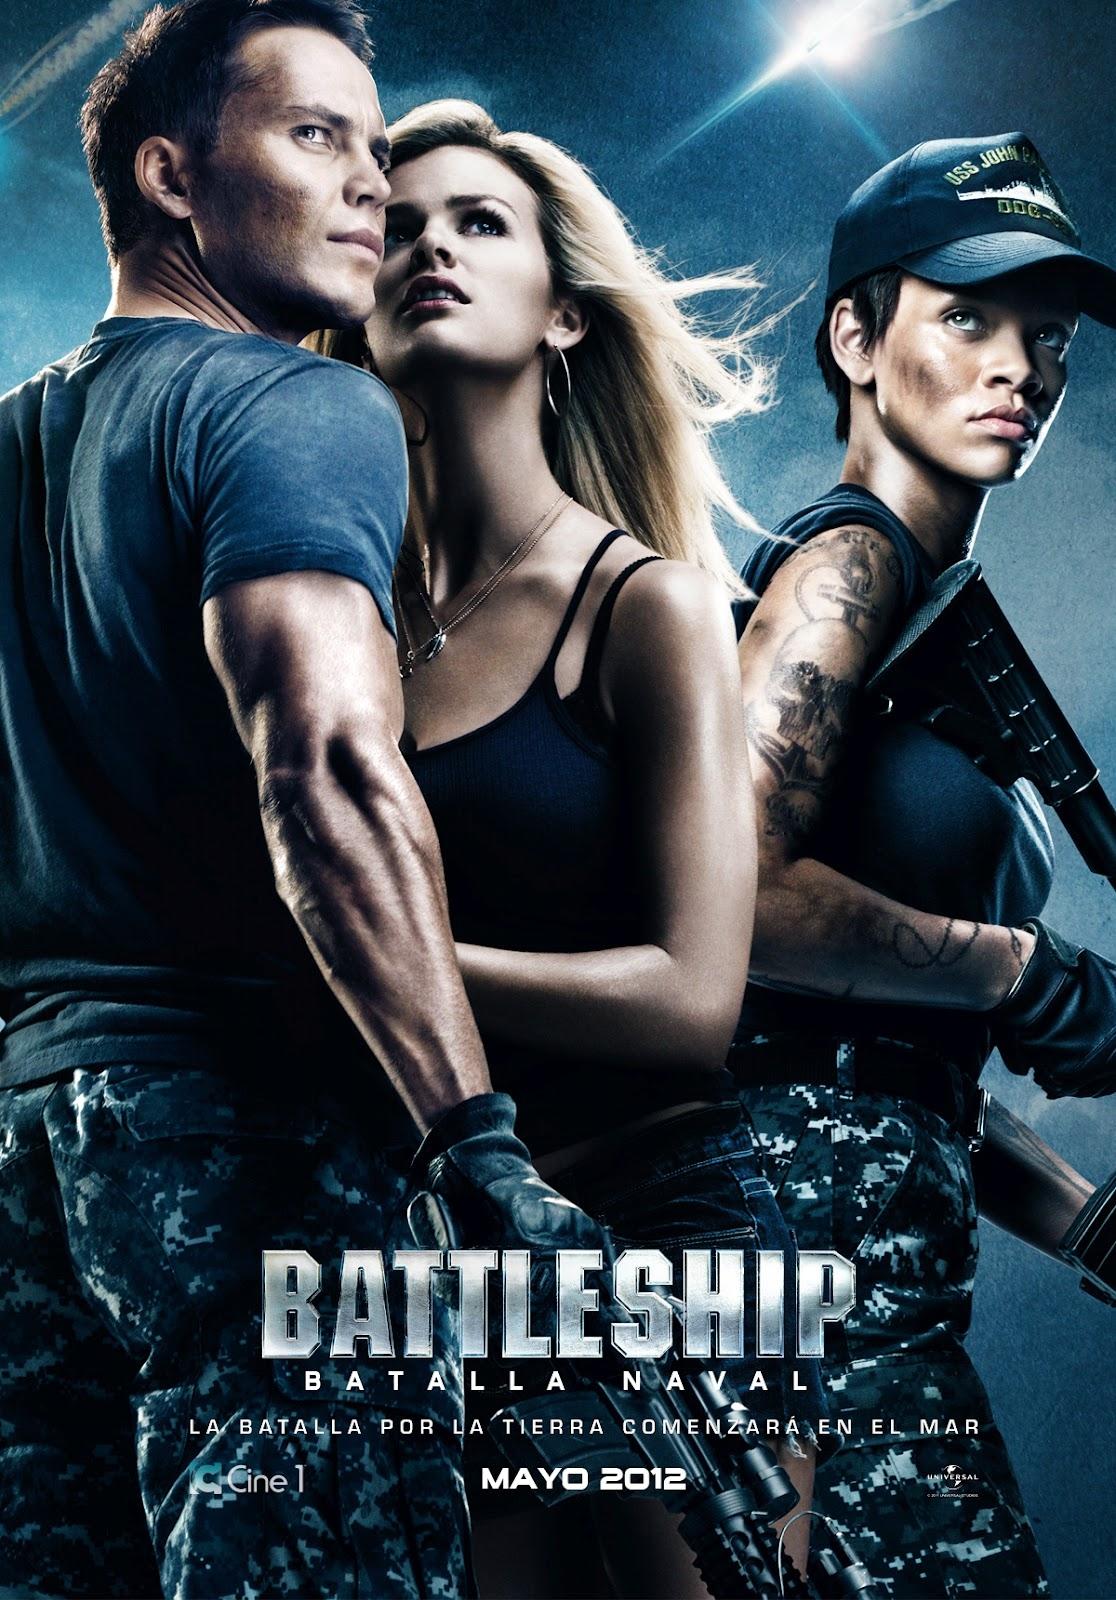 Battleship - STFU Hollywood